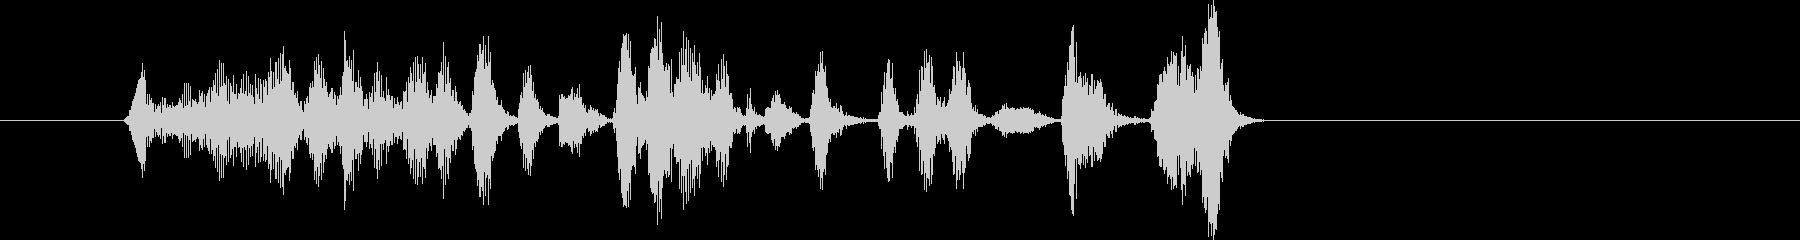 ヒヒのうめき声。吸入を伴う低音のう...の未再生の波形